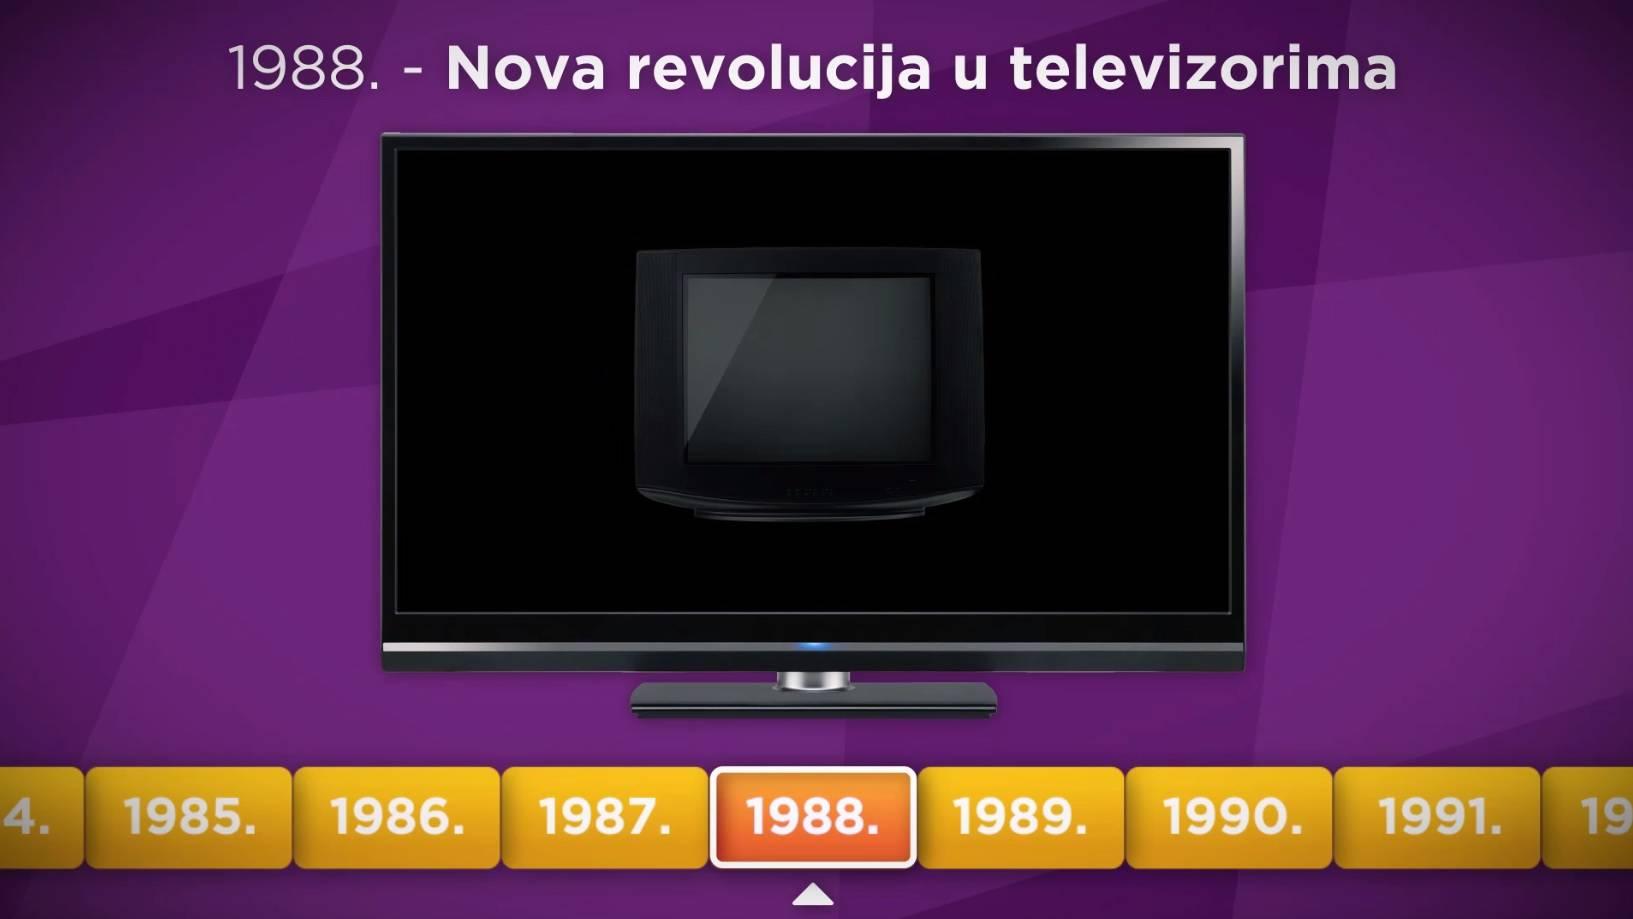 Povijest televizije - od prve slike do televizije budućnosti